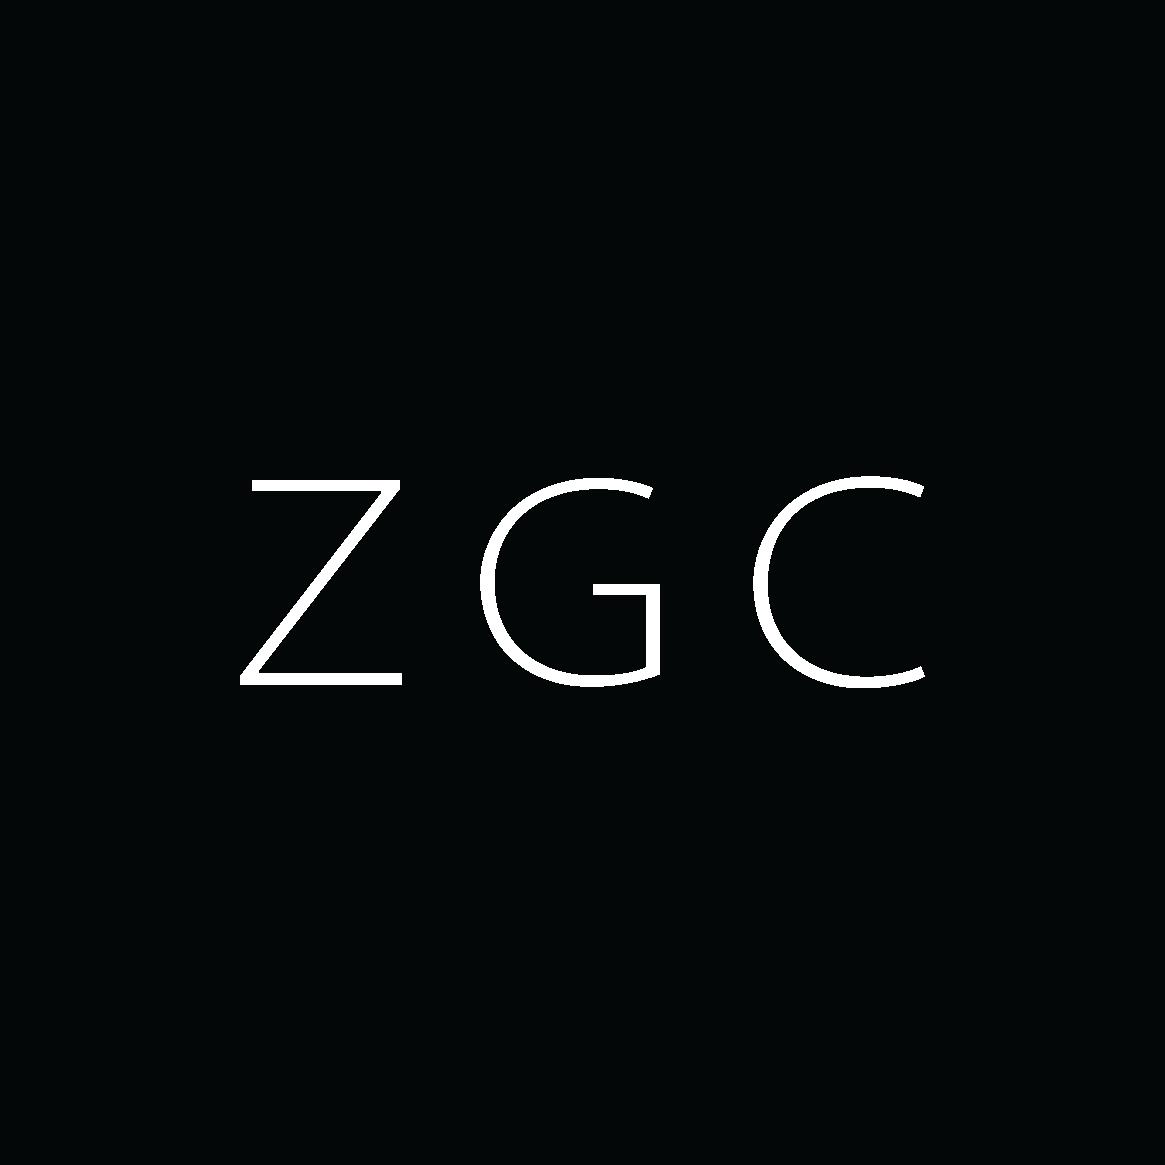 Zero Gravity Co